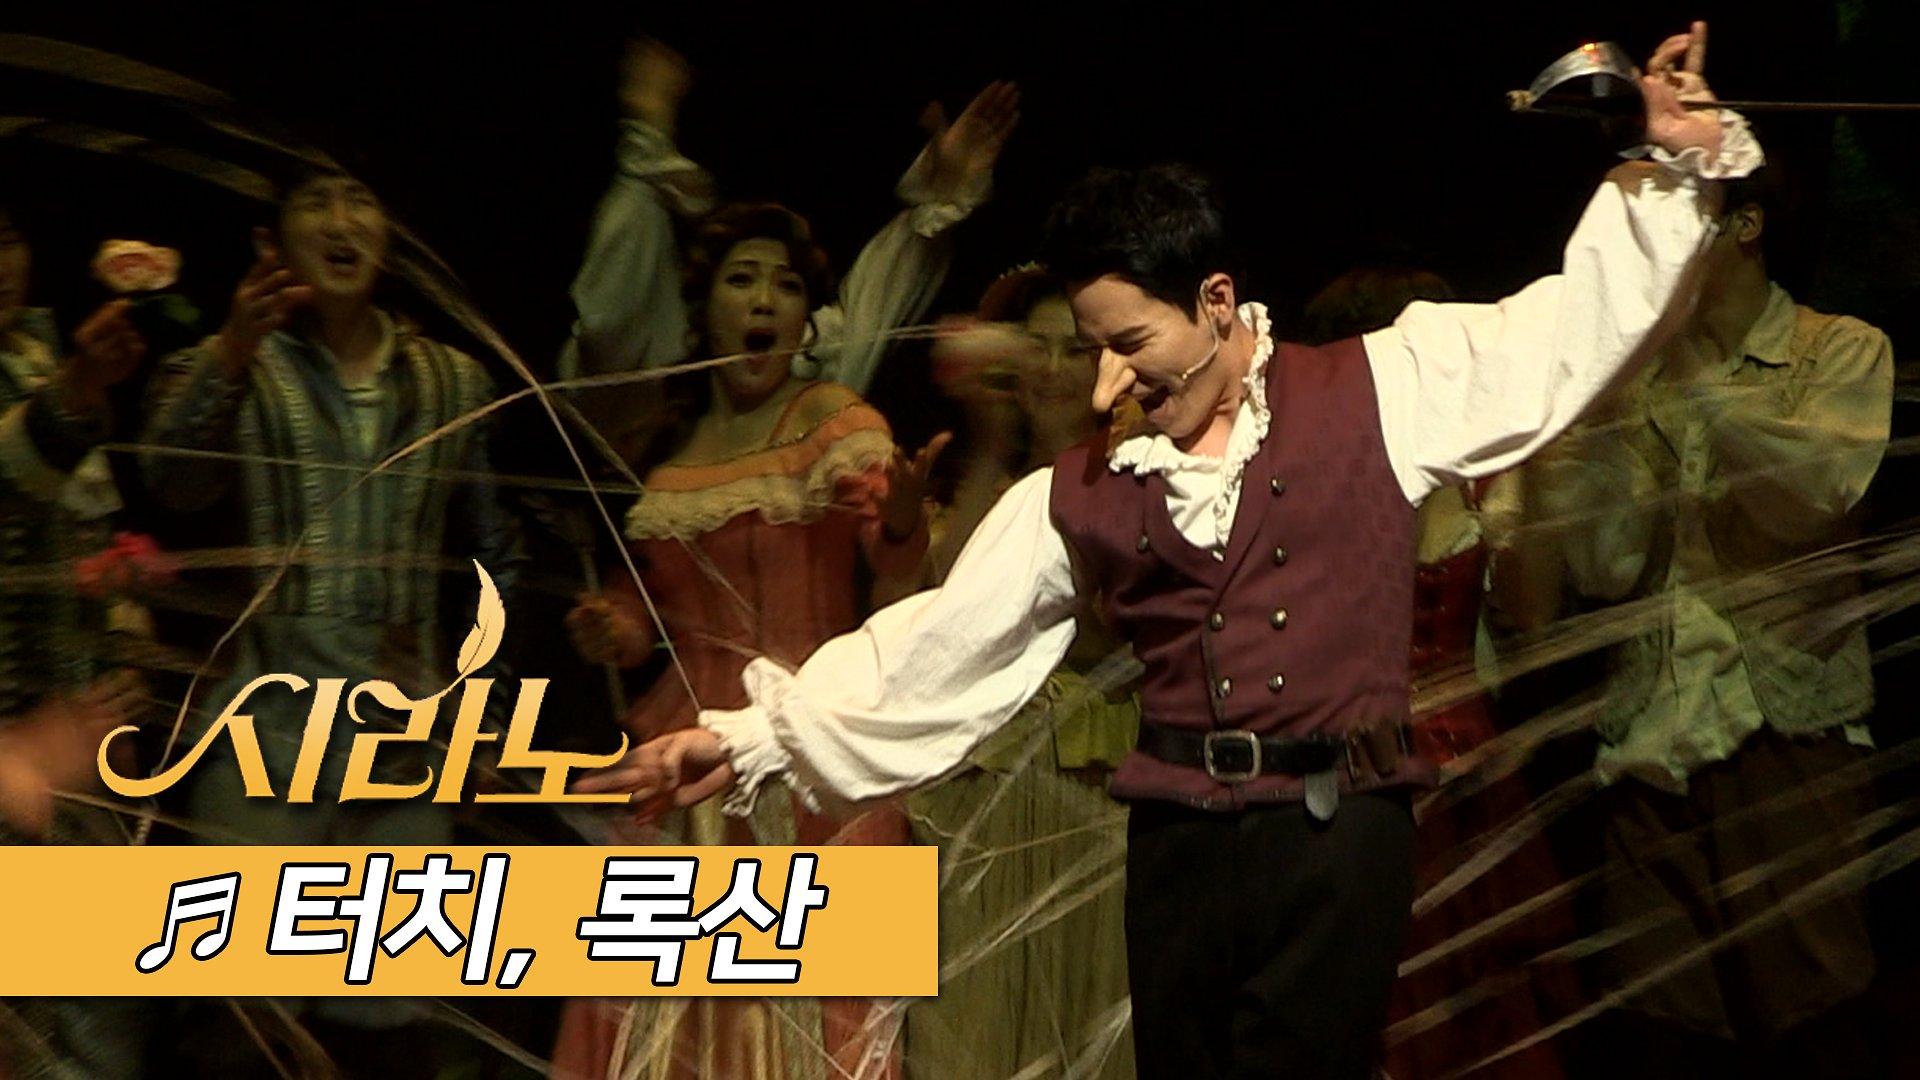 뮤지컬 '시라노' 2019 프레스콜 '터치' '록산' - 이규형, 박지연 외